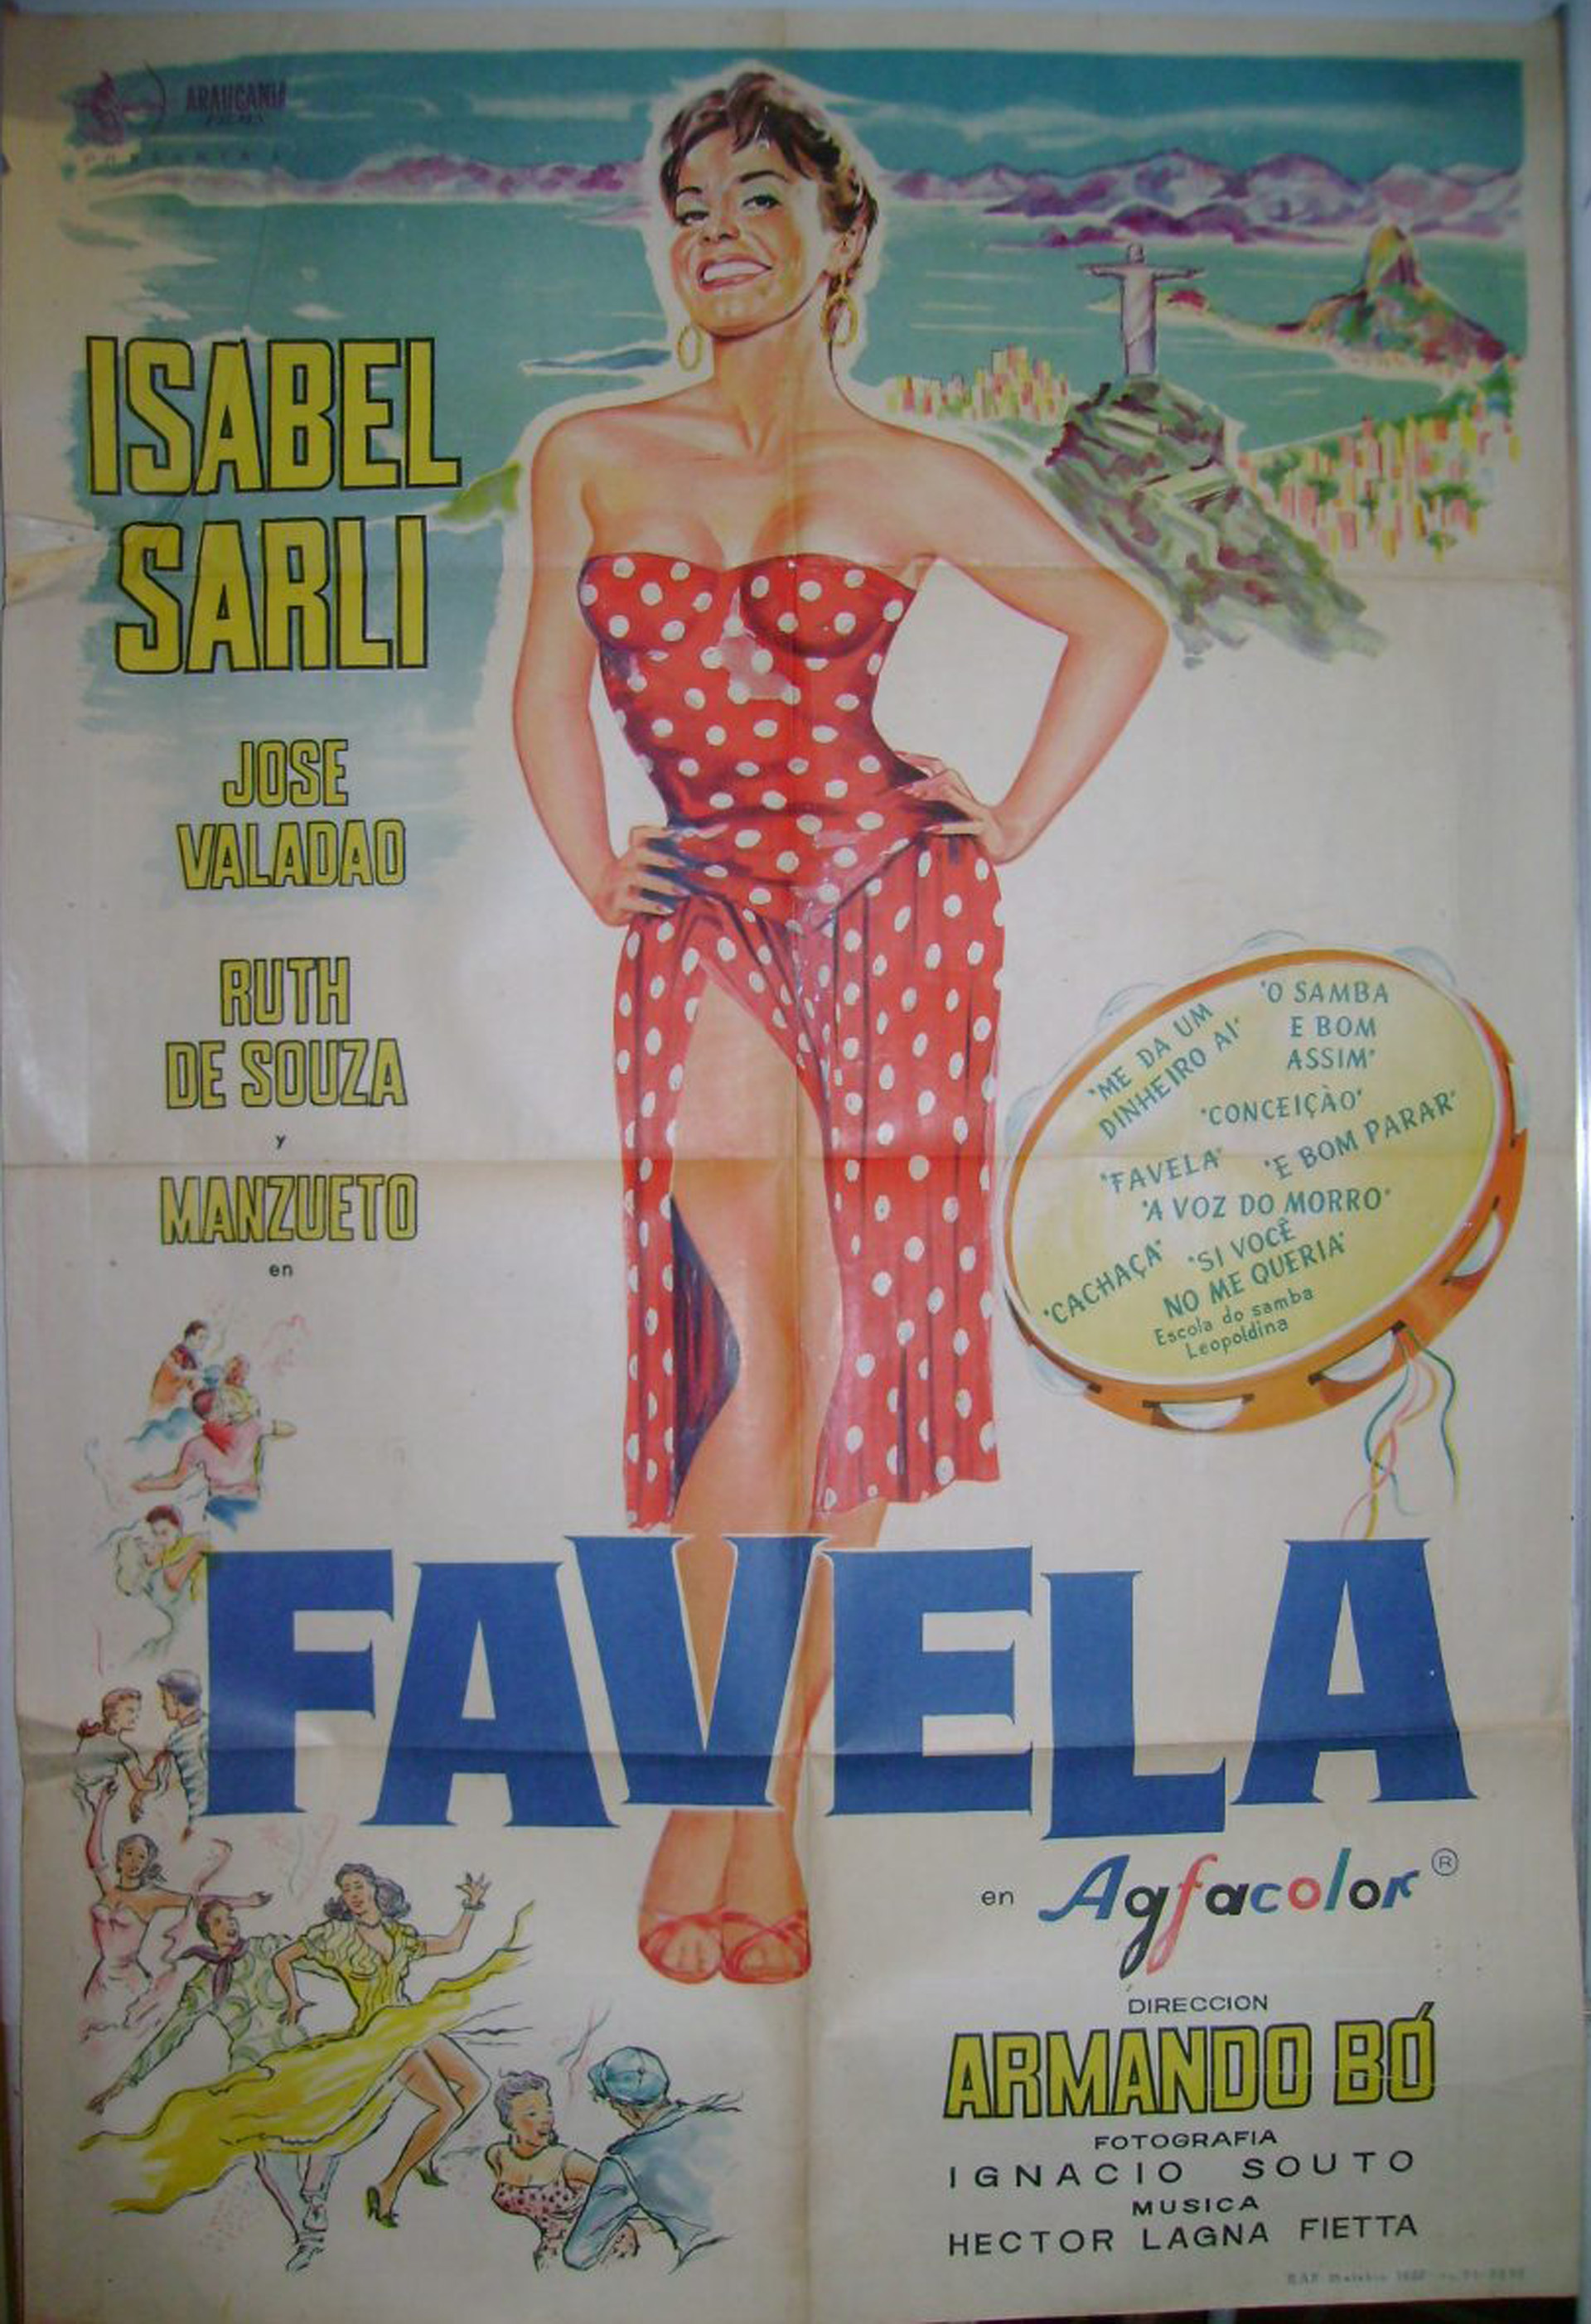 Favela, también con Armando Bó, se estrenó en 1961 y fue una co producción con Brasil